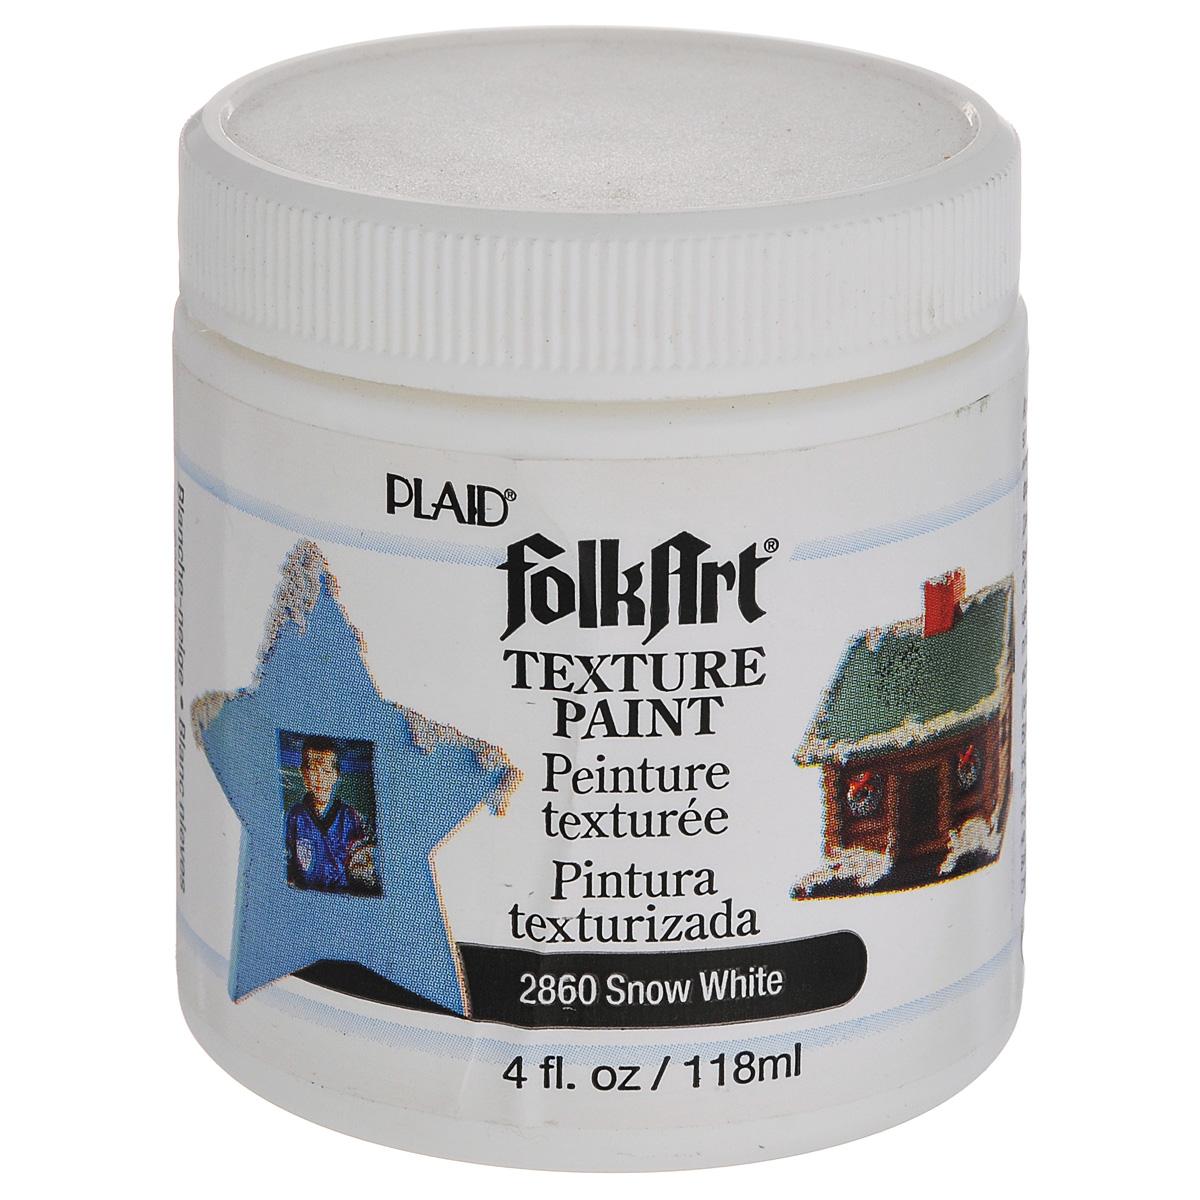 Фактурная краска Plaid, цвет: белый, 118 мл. PLD-02860PLD-02860Фактурная краска Plaid на водной основе при нанесении напоминает снежный покров, высыхает с объемом. Идеально подходит для детского творчества, объемных проектов и другого. Можно наносить на дерево, папье-маше, глиняную поверхность. До высыхания может быть смыта водой с мылом, время высыхания: 24 часа. Объем: 118 мл.